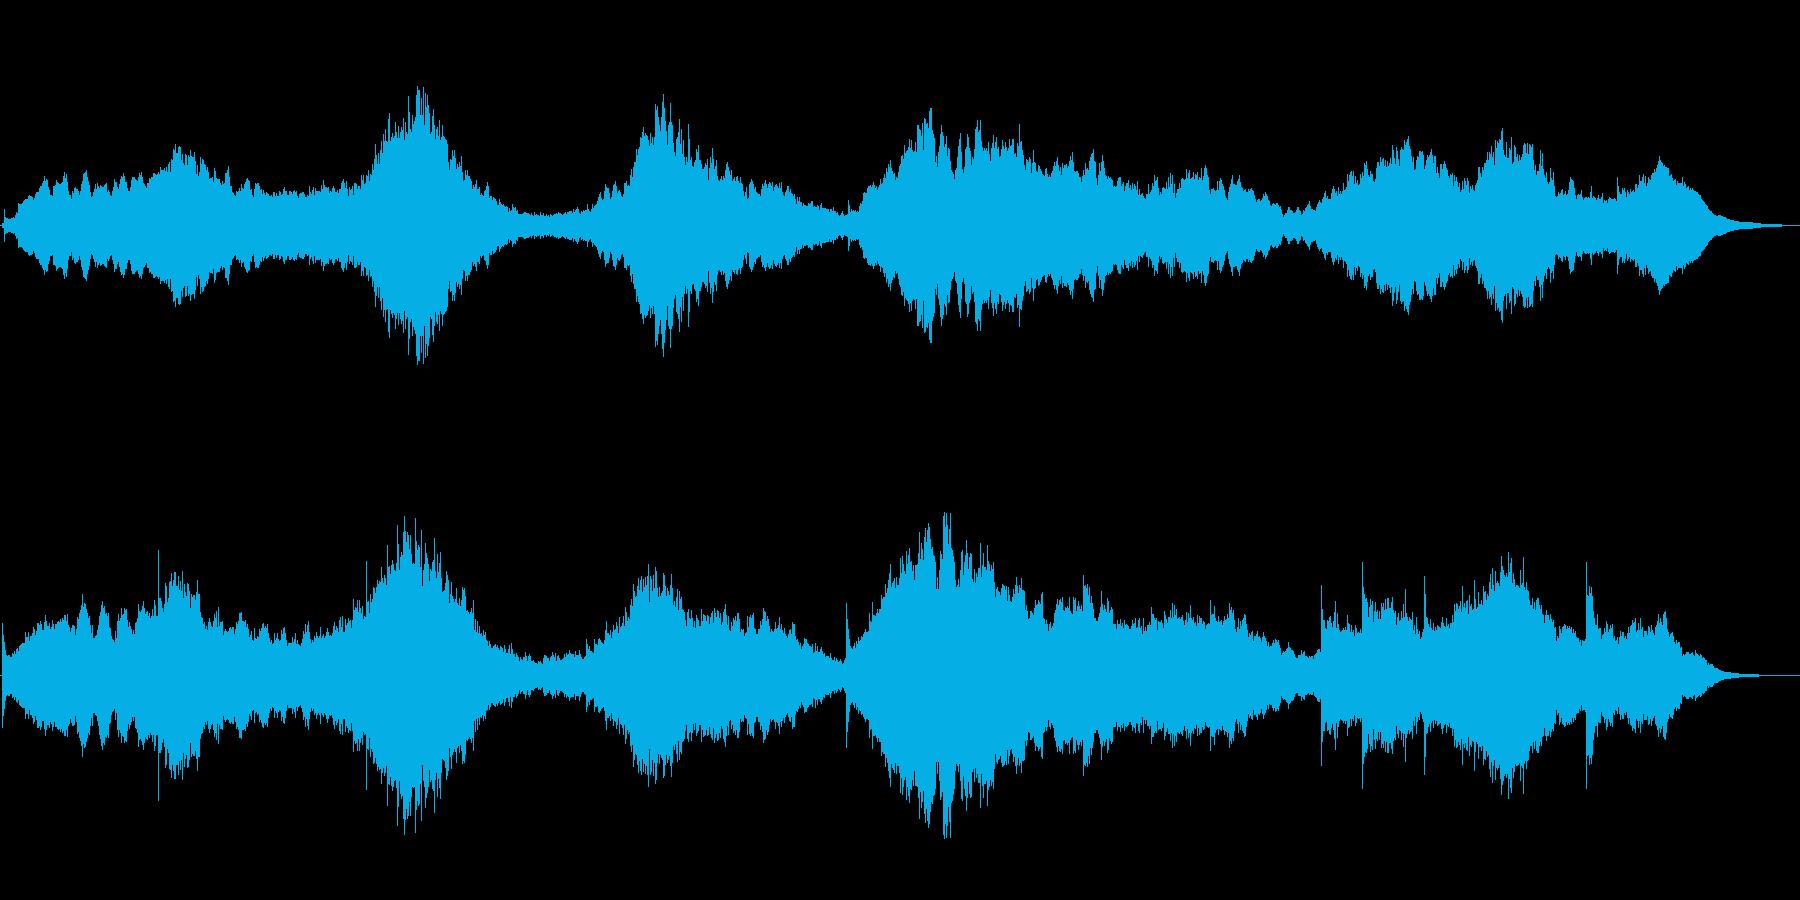 エスノムード満載アンビエントなベル音楽の再生済みの波形